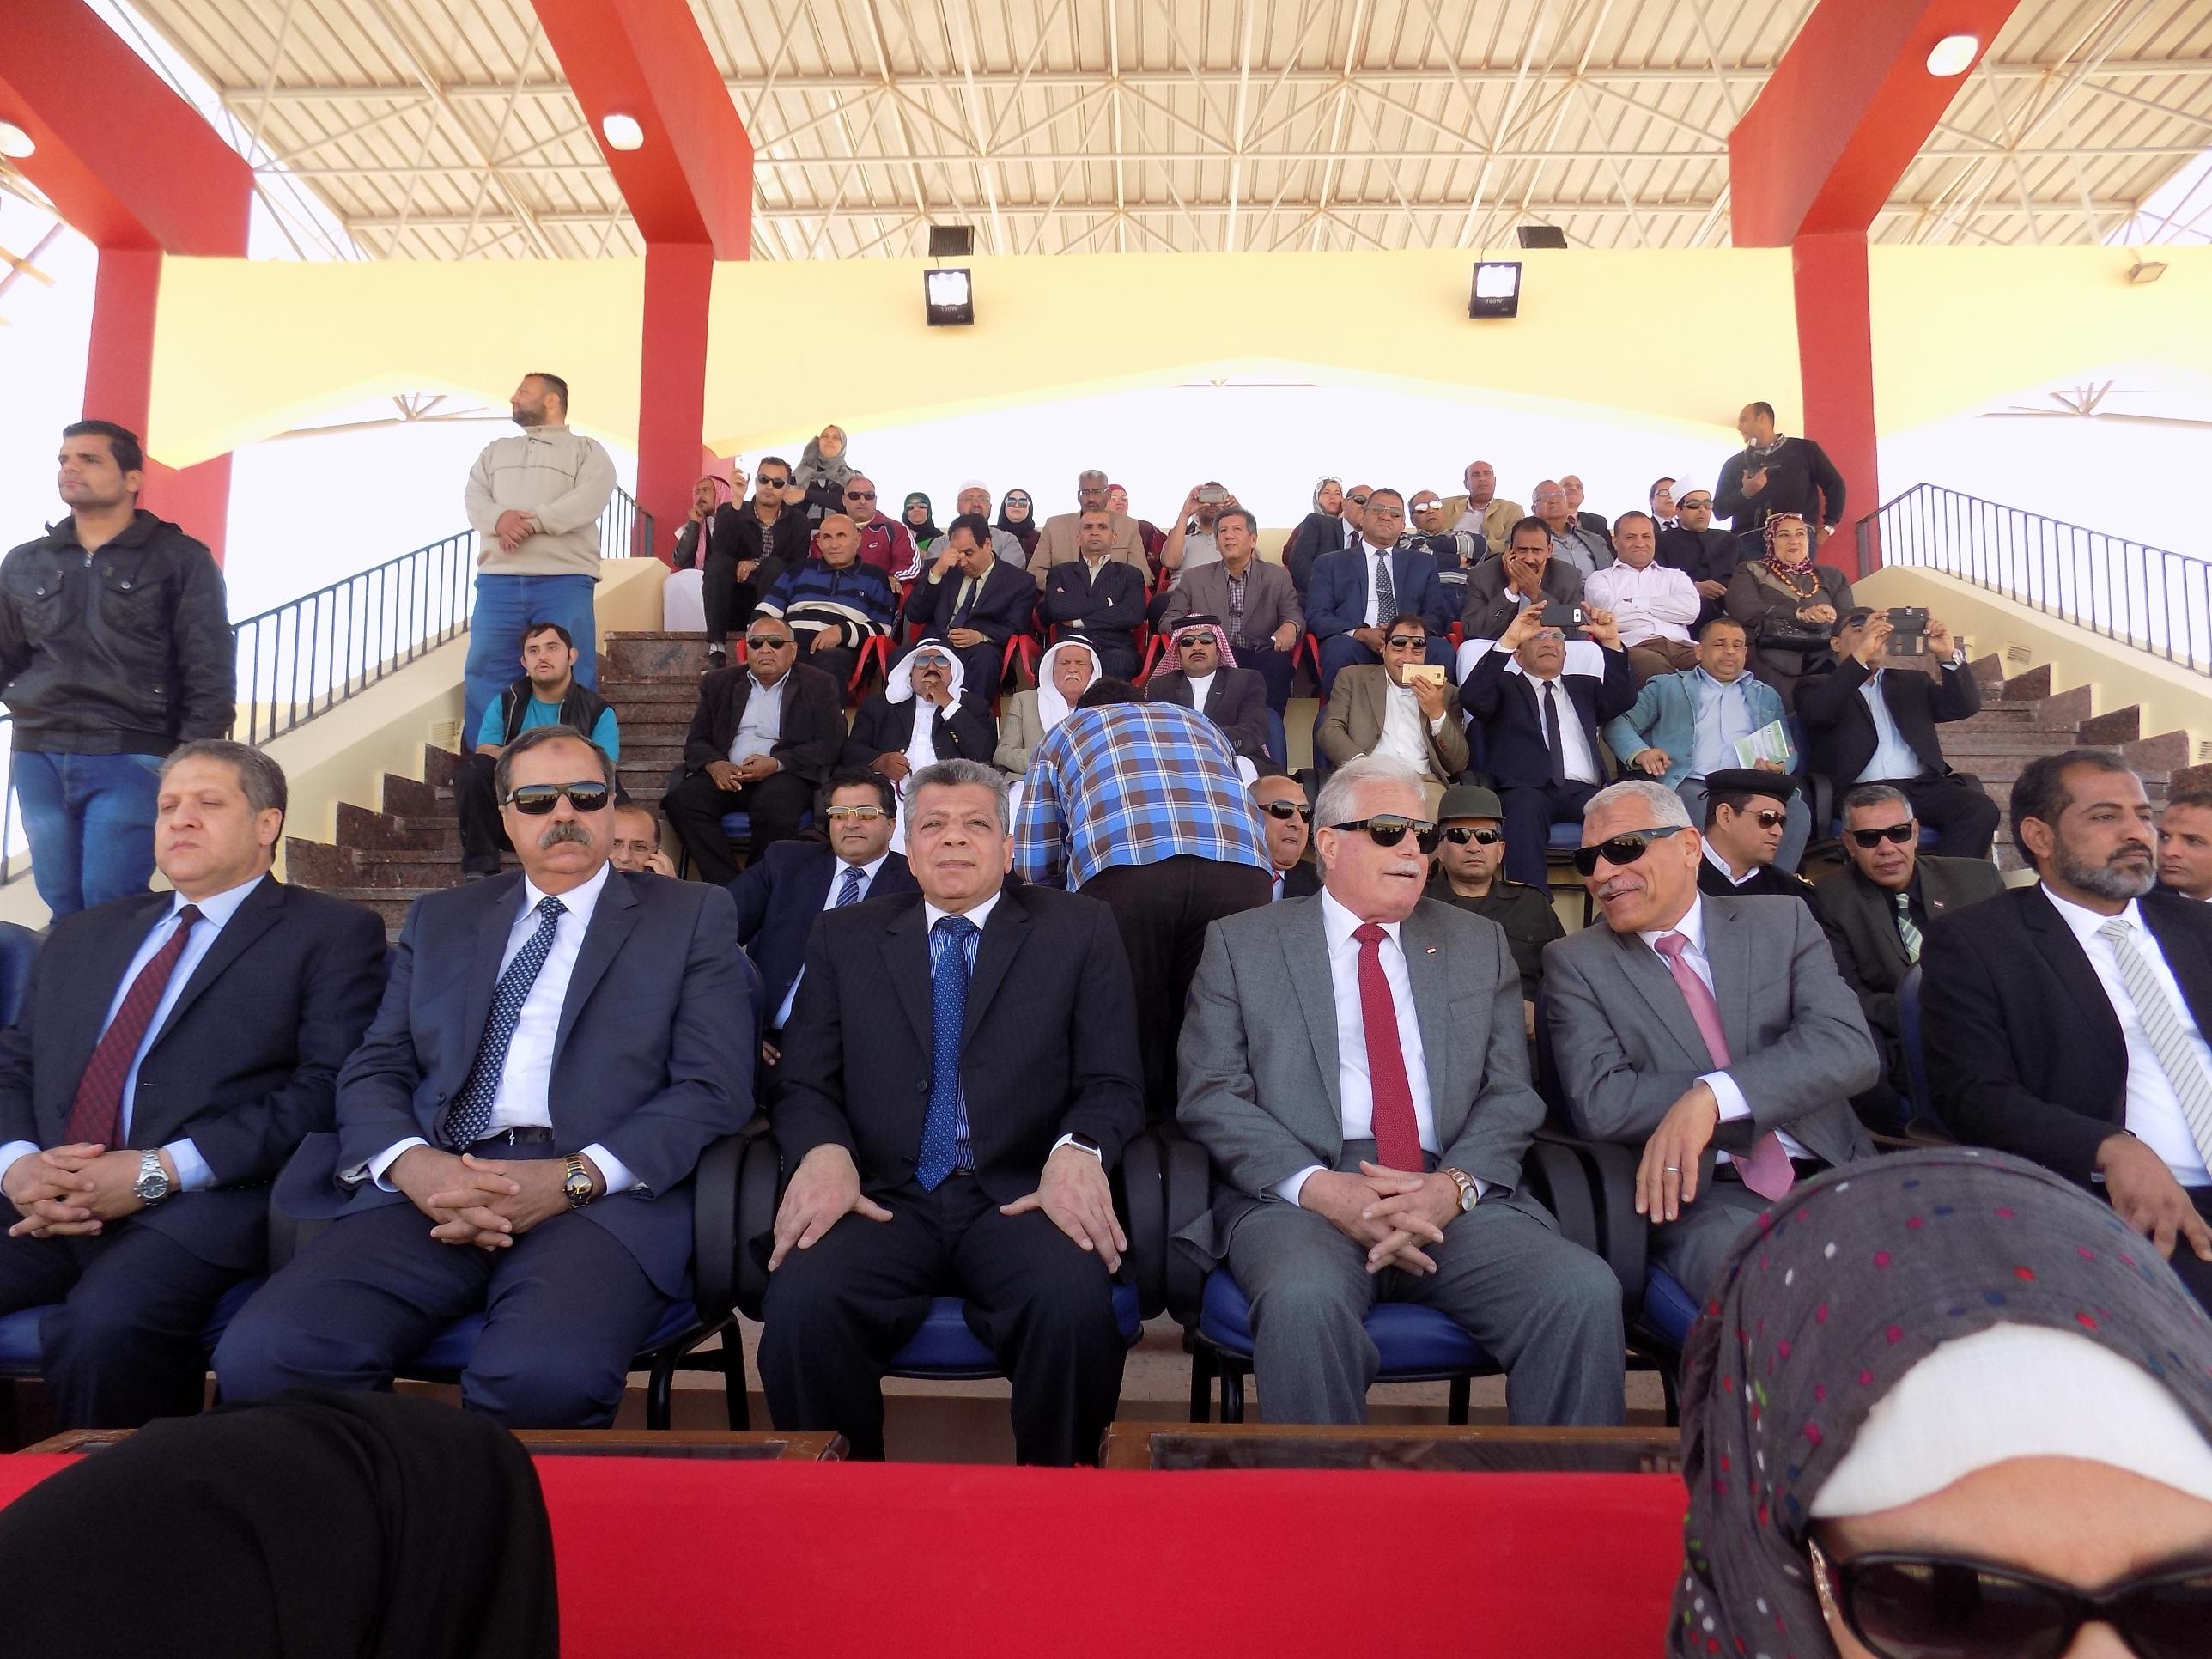 اللواء خالد فودة محافظ جنوب سيناء وقيادات المحافظة